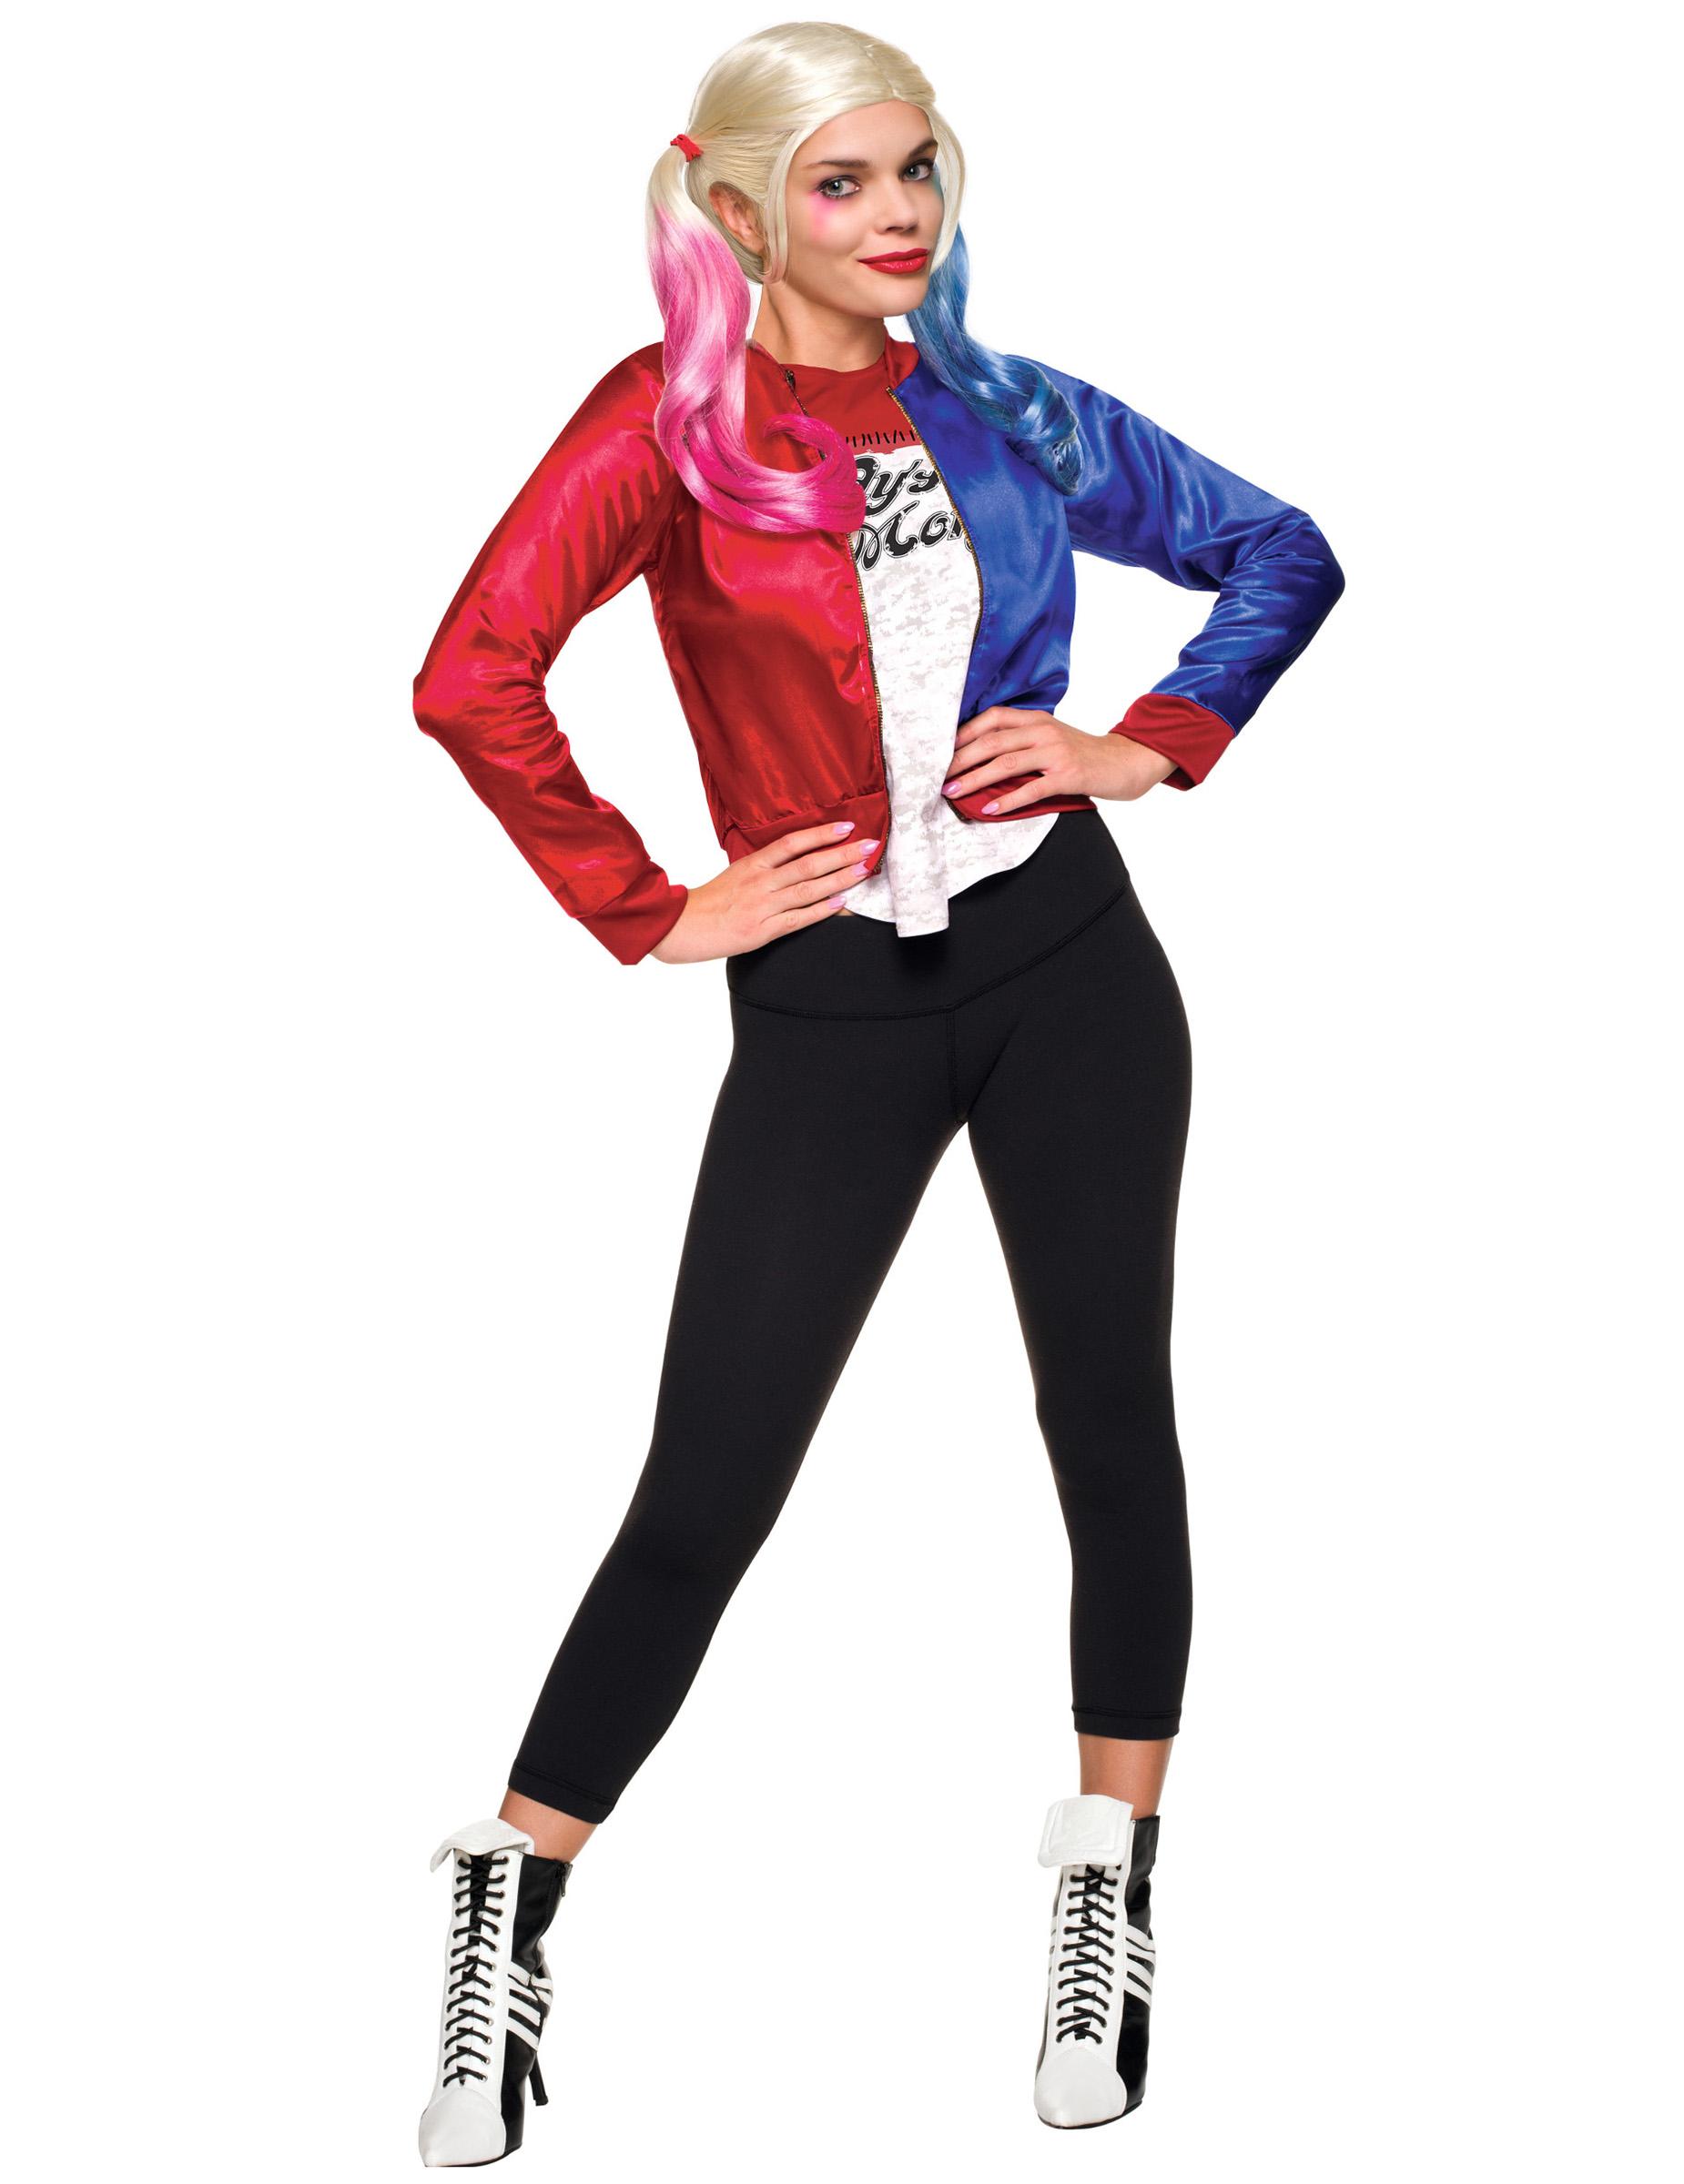 Costume Giacca e maglietta adulto Harley Quinn - Suicide Squad ... 539ad321000